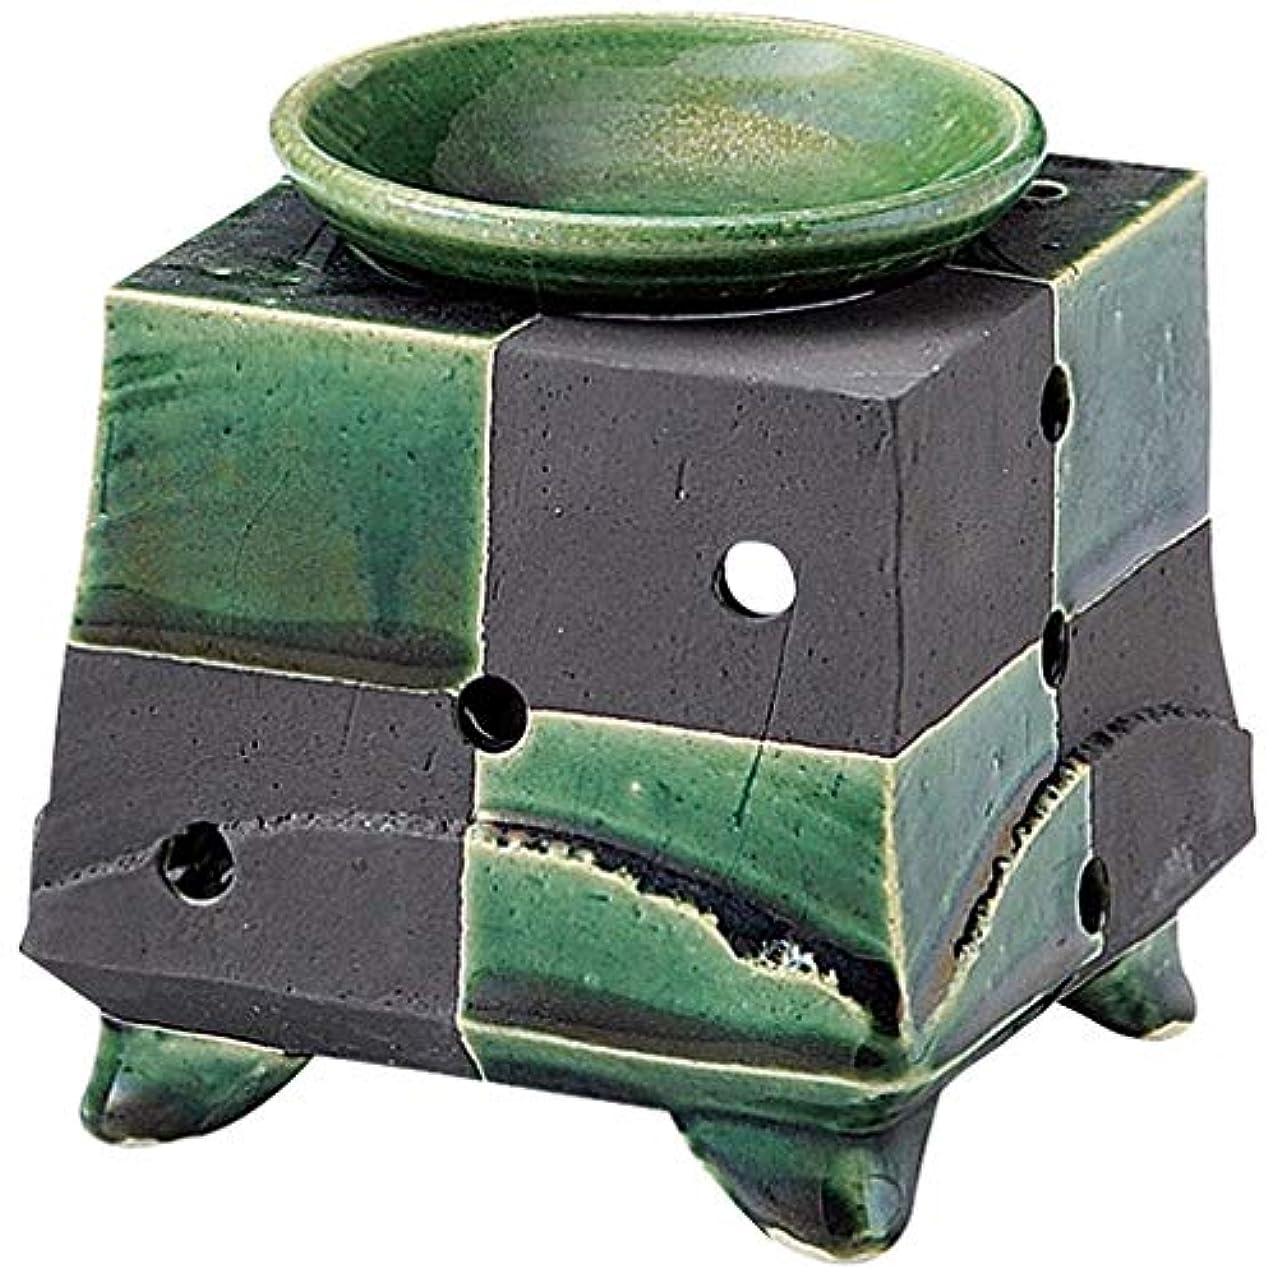 あいまいさ看板ベンチャー常滑焼 G1720 茶香炉  径11.5×11.5cm